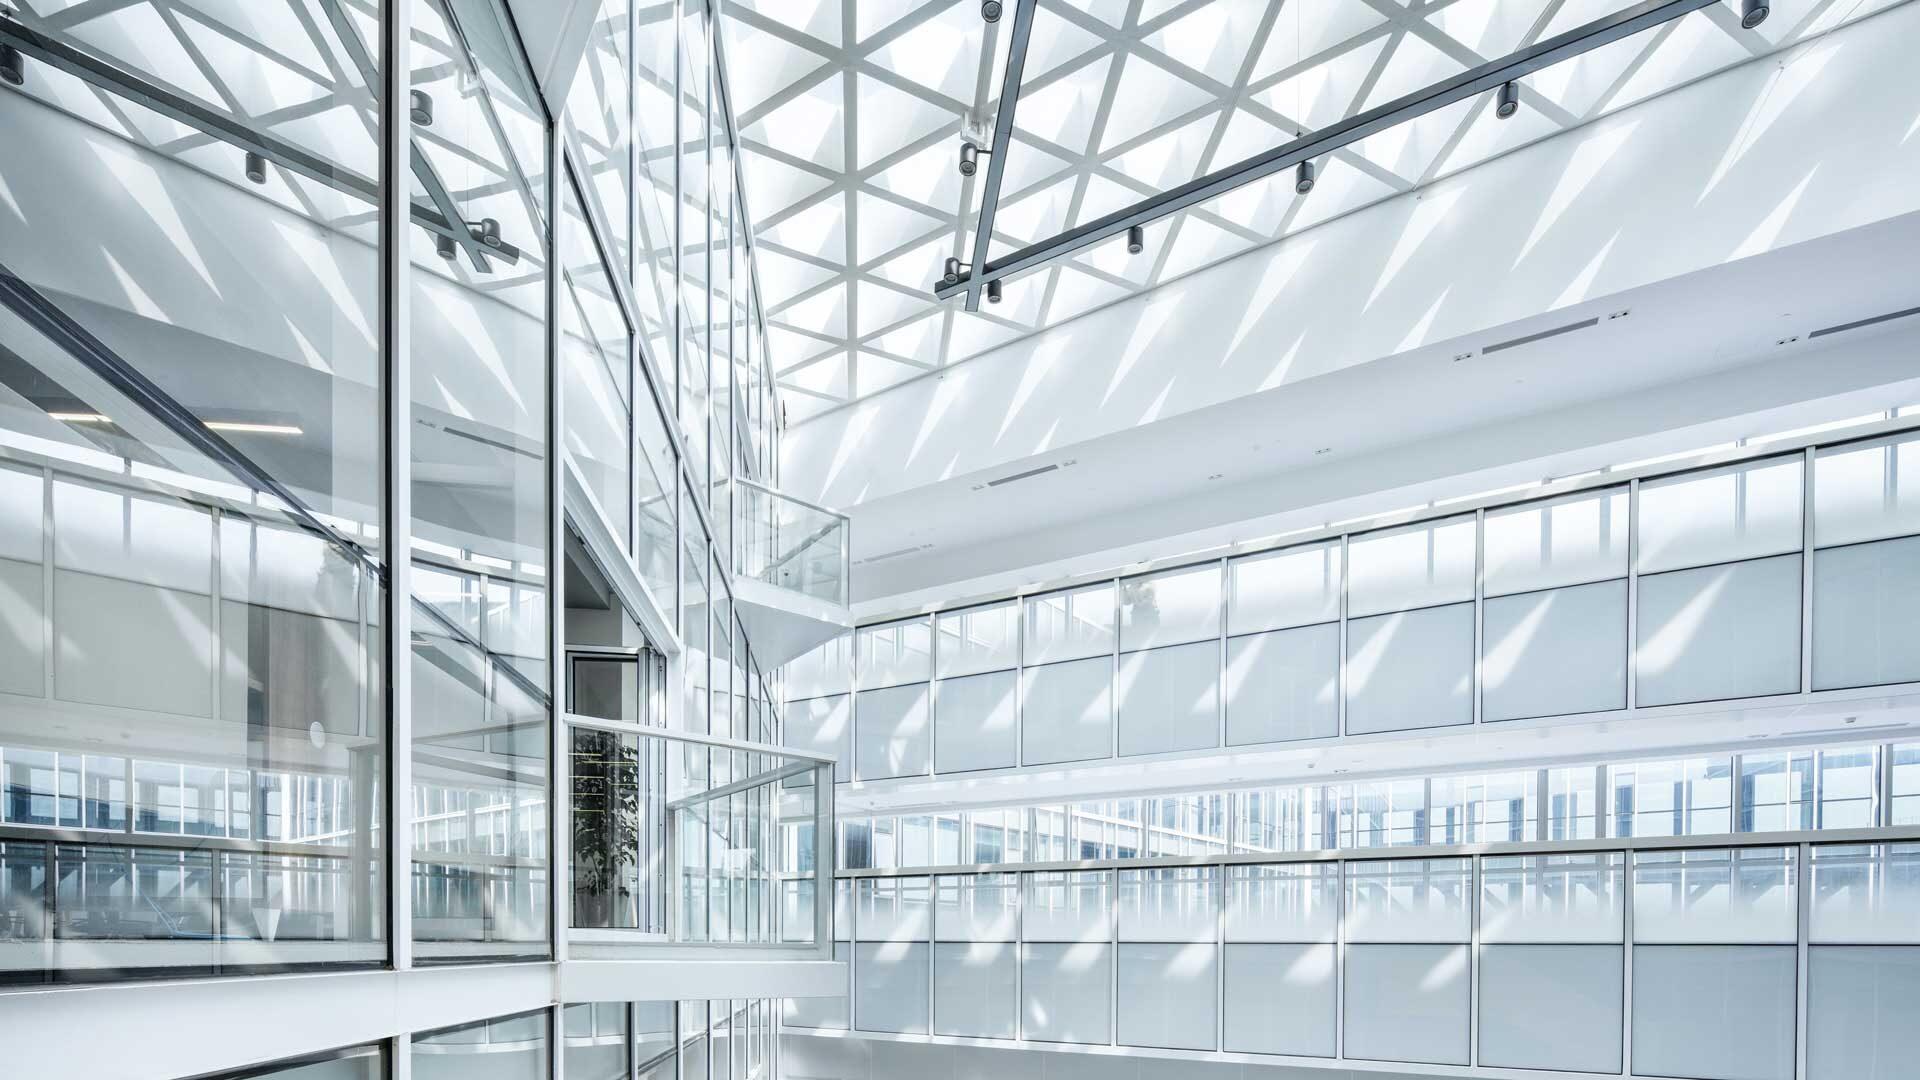 ufficio-del-futuro-4-modelli-Level-Office-Landscape